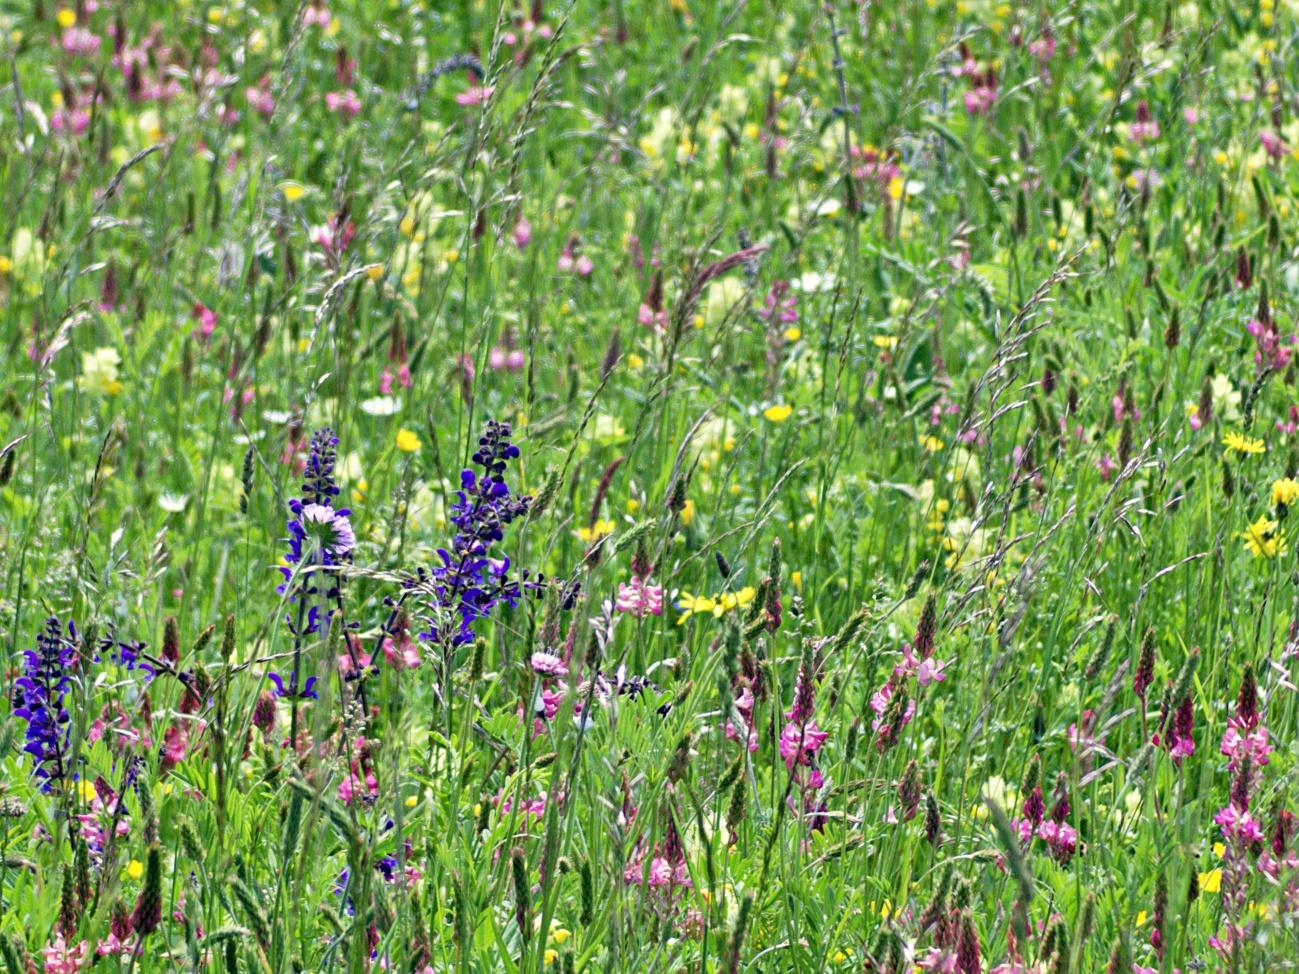 Zum Tagesabschluss — Bilder der Woche #75 (KW22/ 2021) – Blumenwiesen